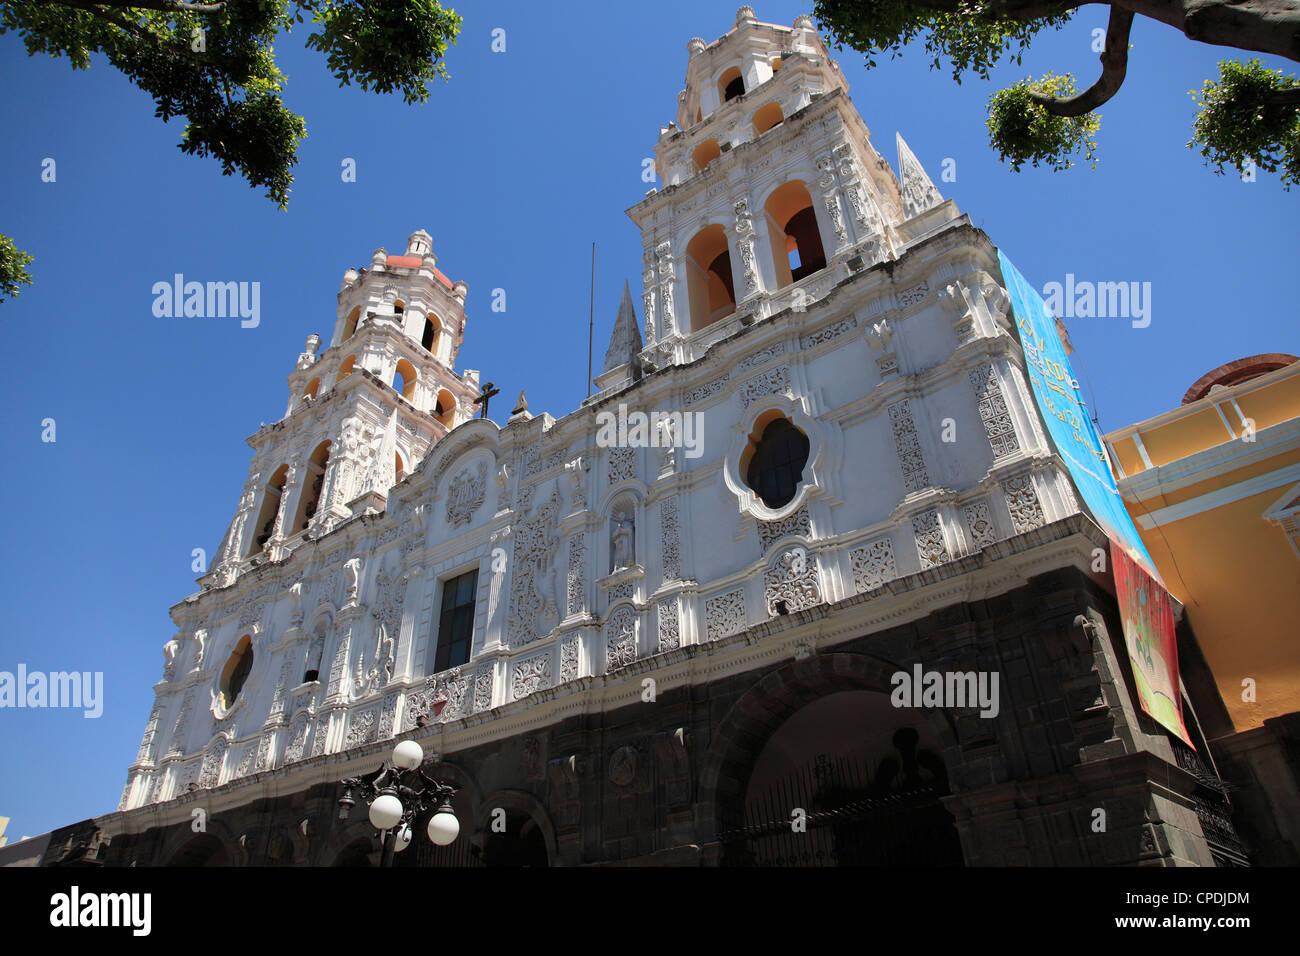 Iglesia La Compania de Jesus church (Templo del Espiritu Santo), Puebla, Historic Center, Puebla State, Mexico, - Stock Image